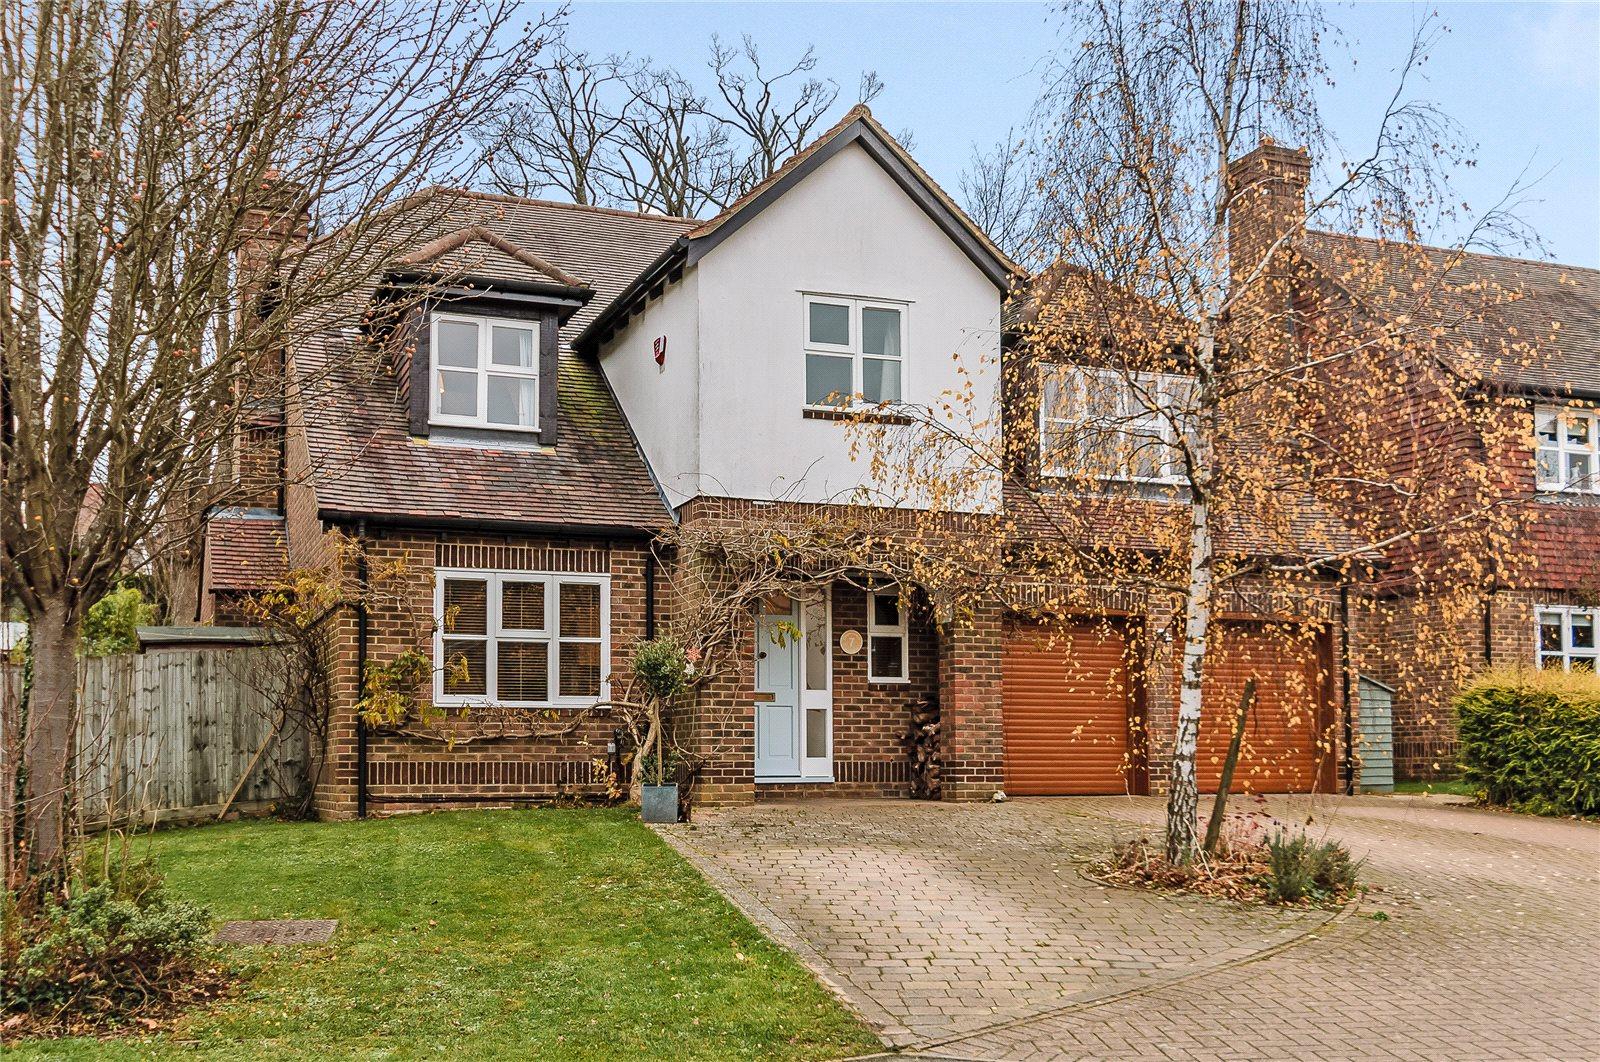 Maison unifamiliale pour l Vente à Hales Meadow, Harpenden, Hertfordshire, AL5 Harpenden, Angleterre